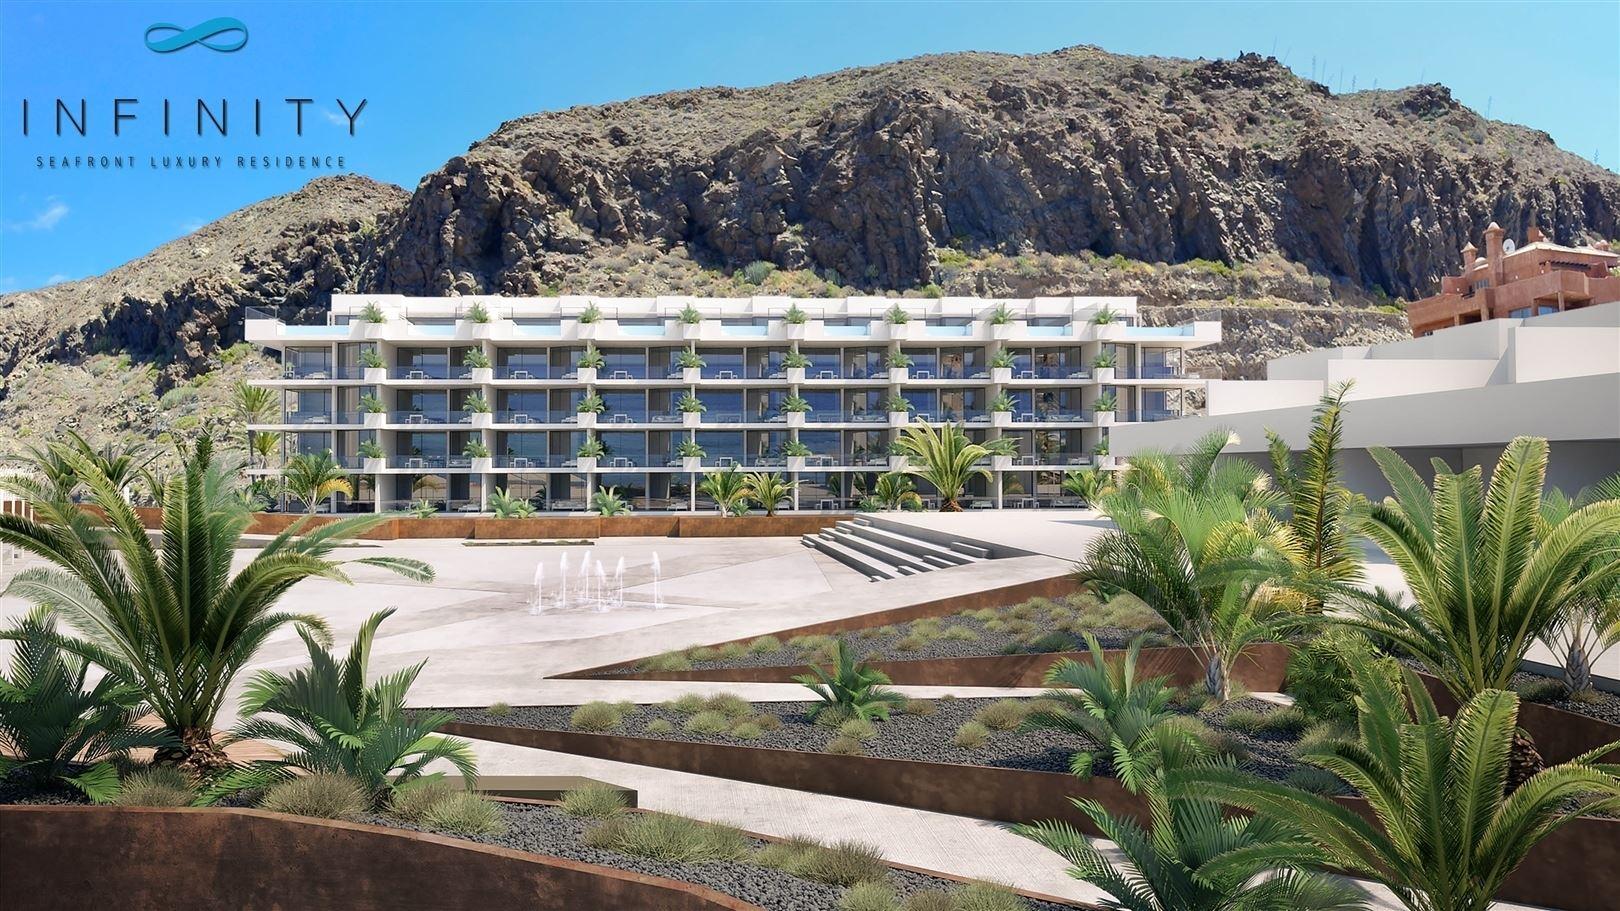 Foto 2 : Appartement te 38632 PALM MAR (Spanje) - Prijs Prijs op aanvraag